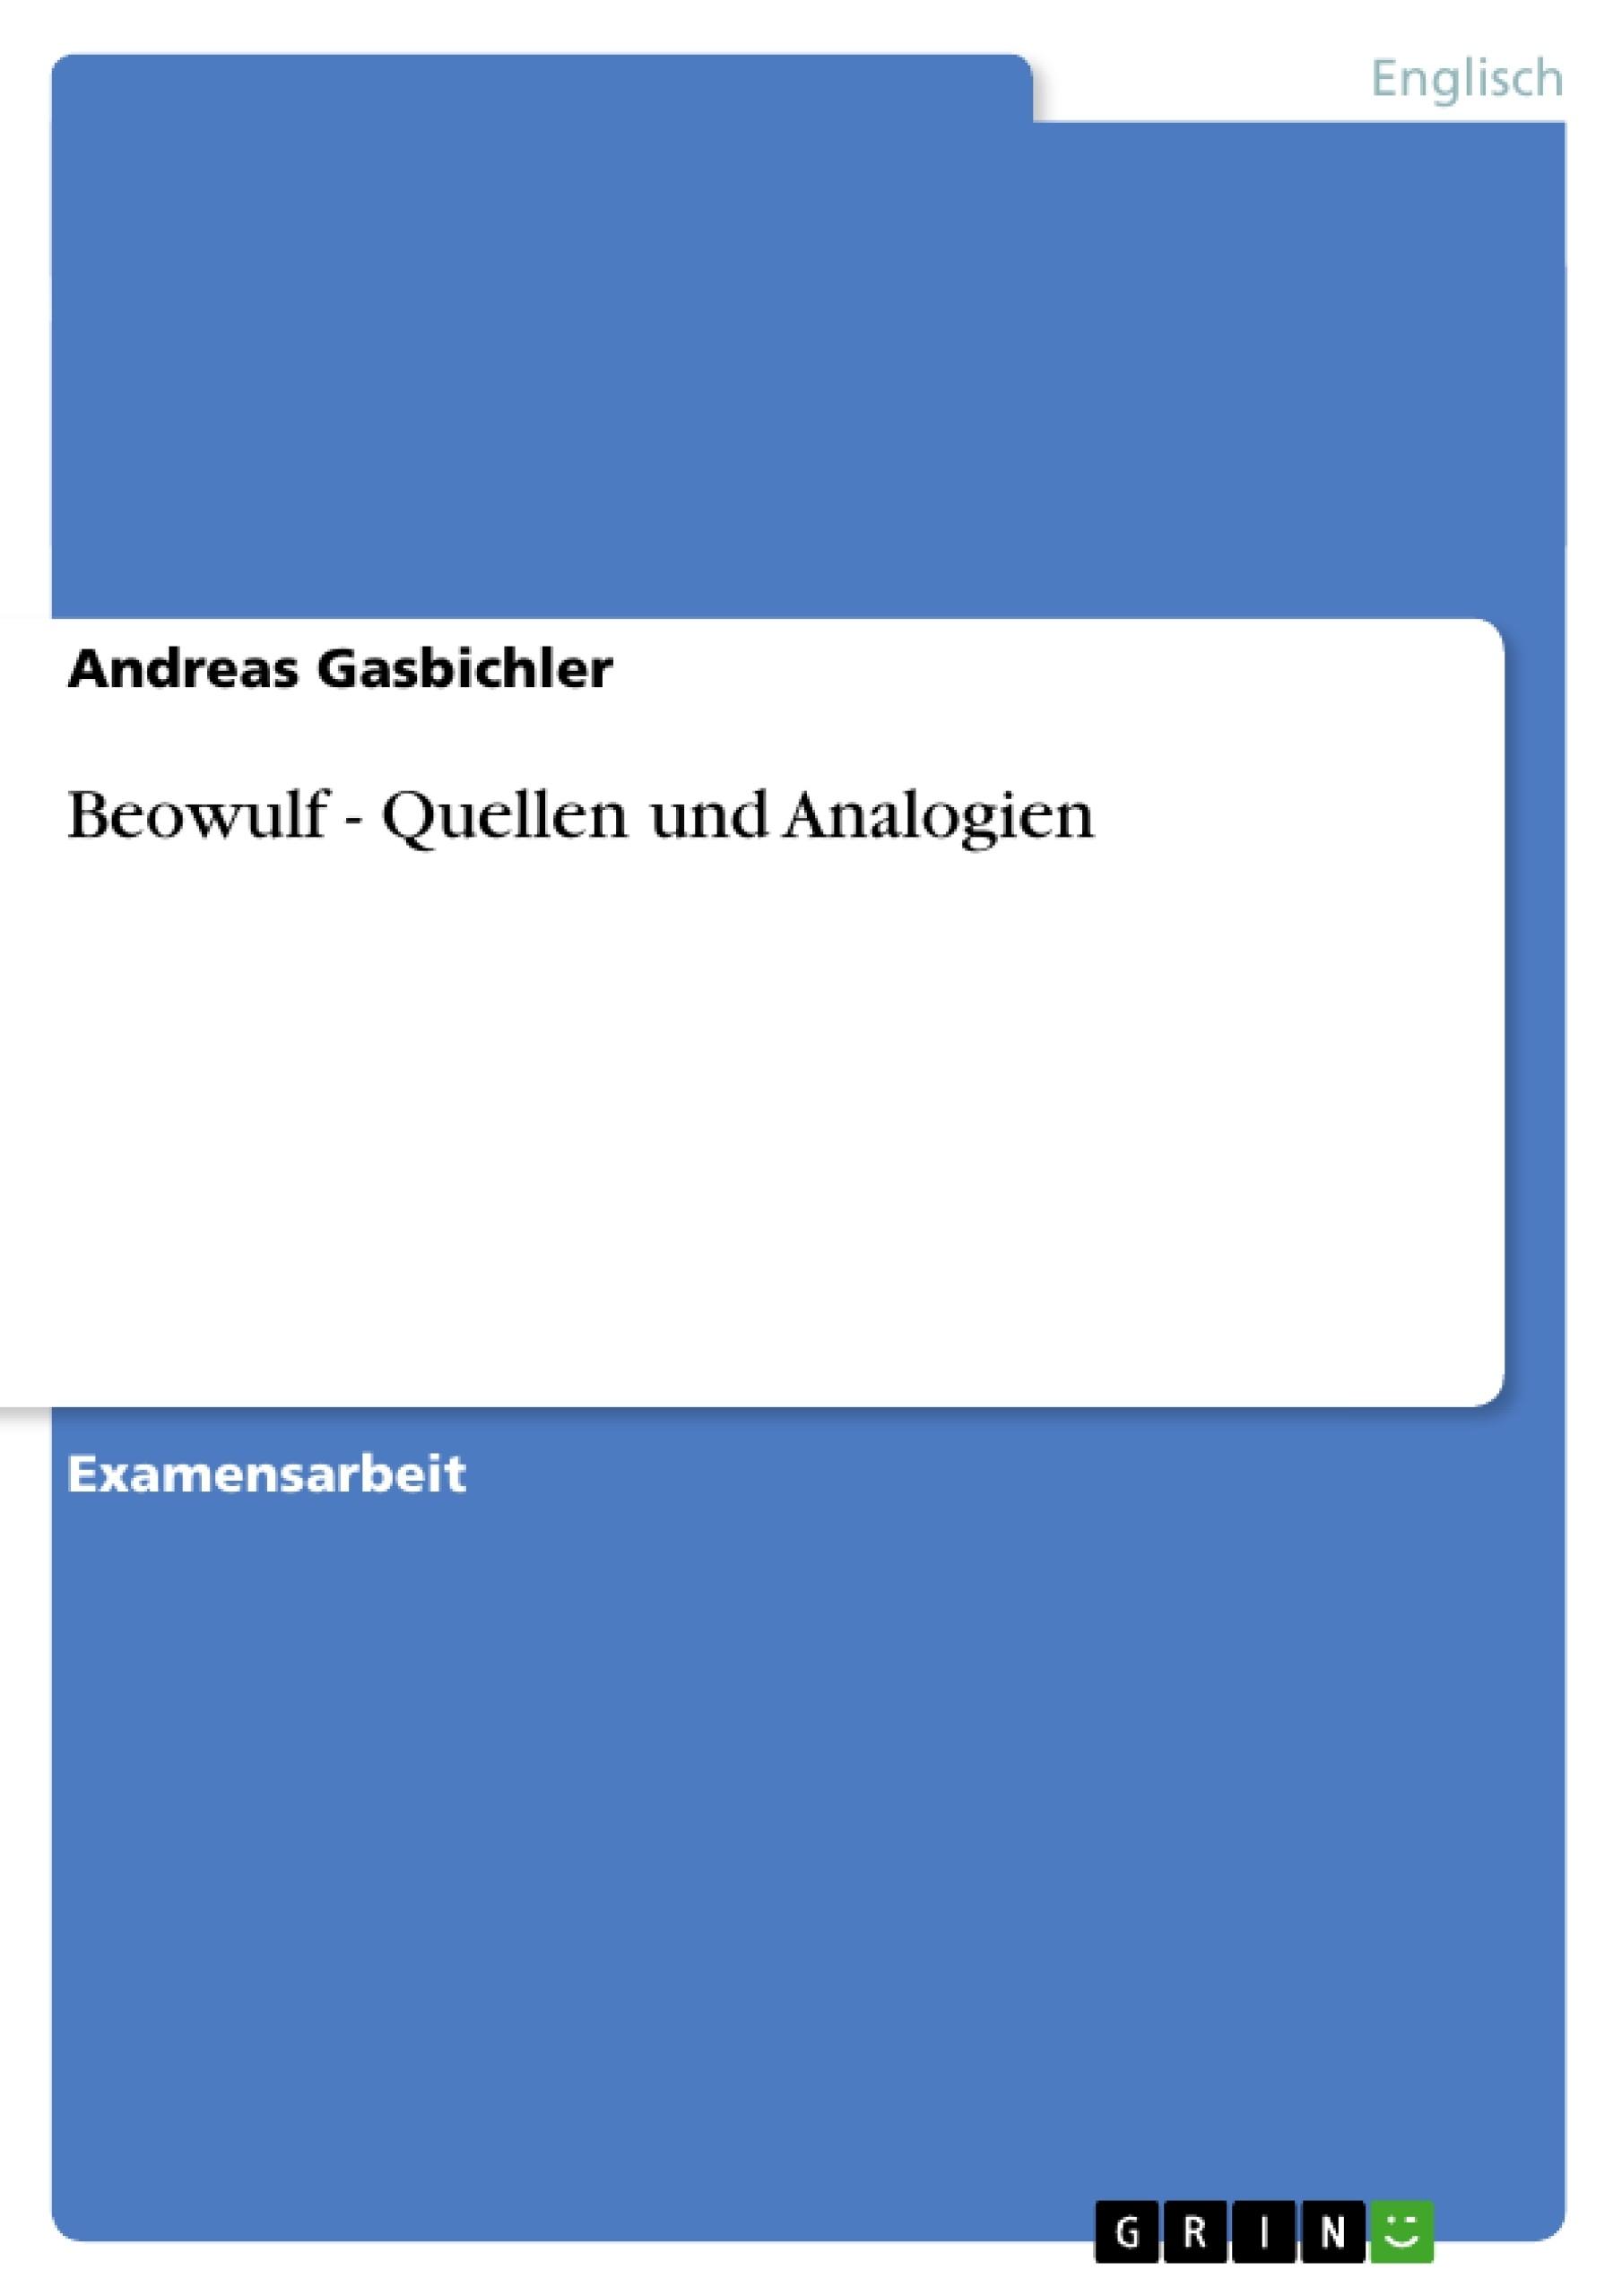 Titel: Beowulf - Quellen und Analogien